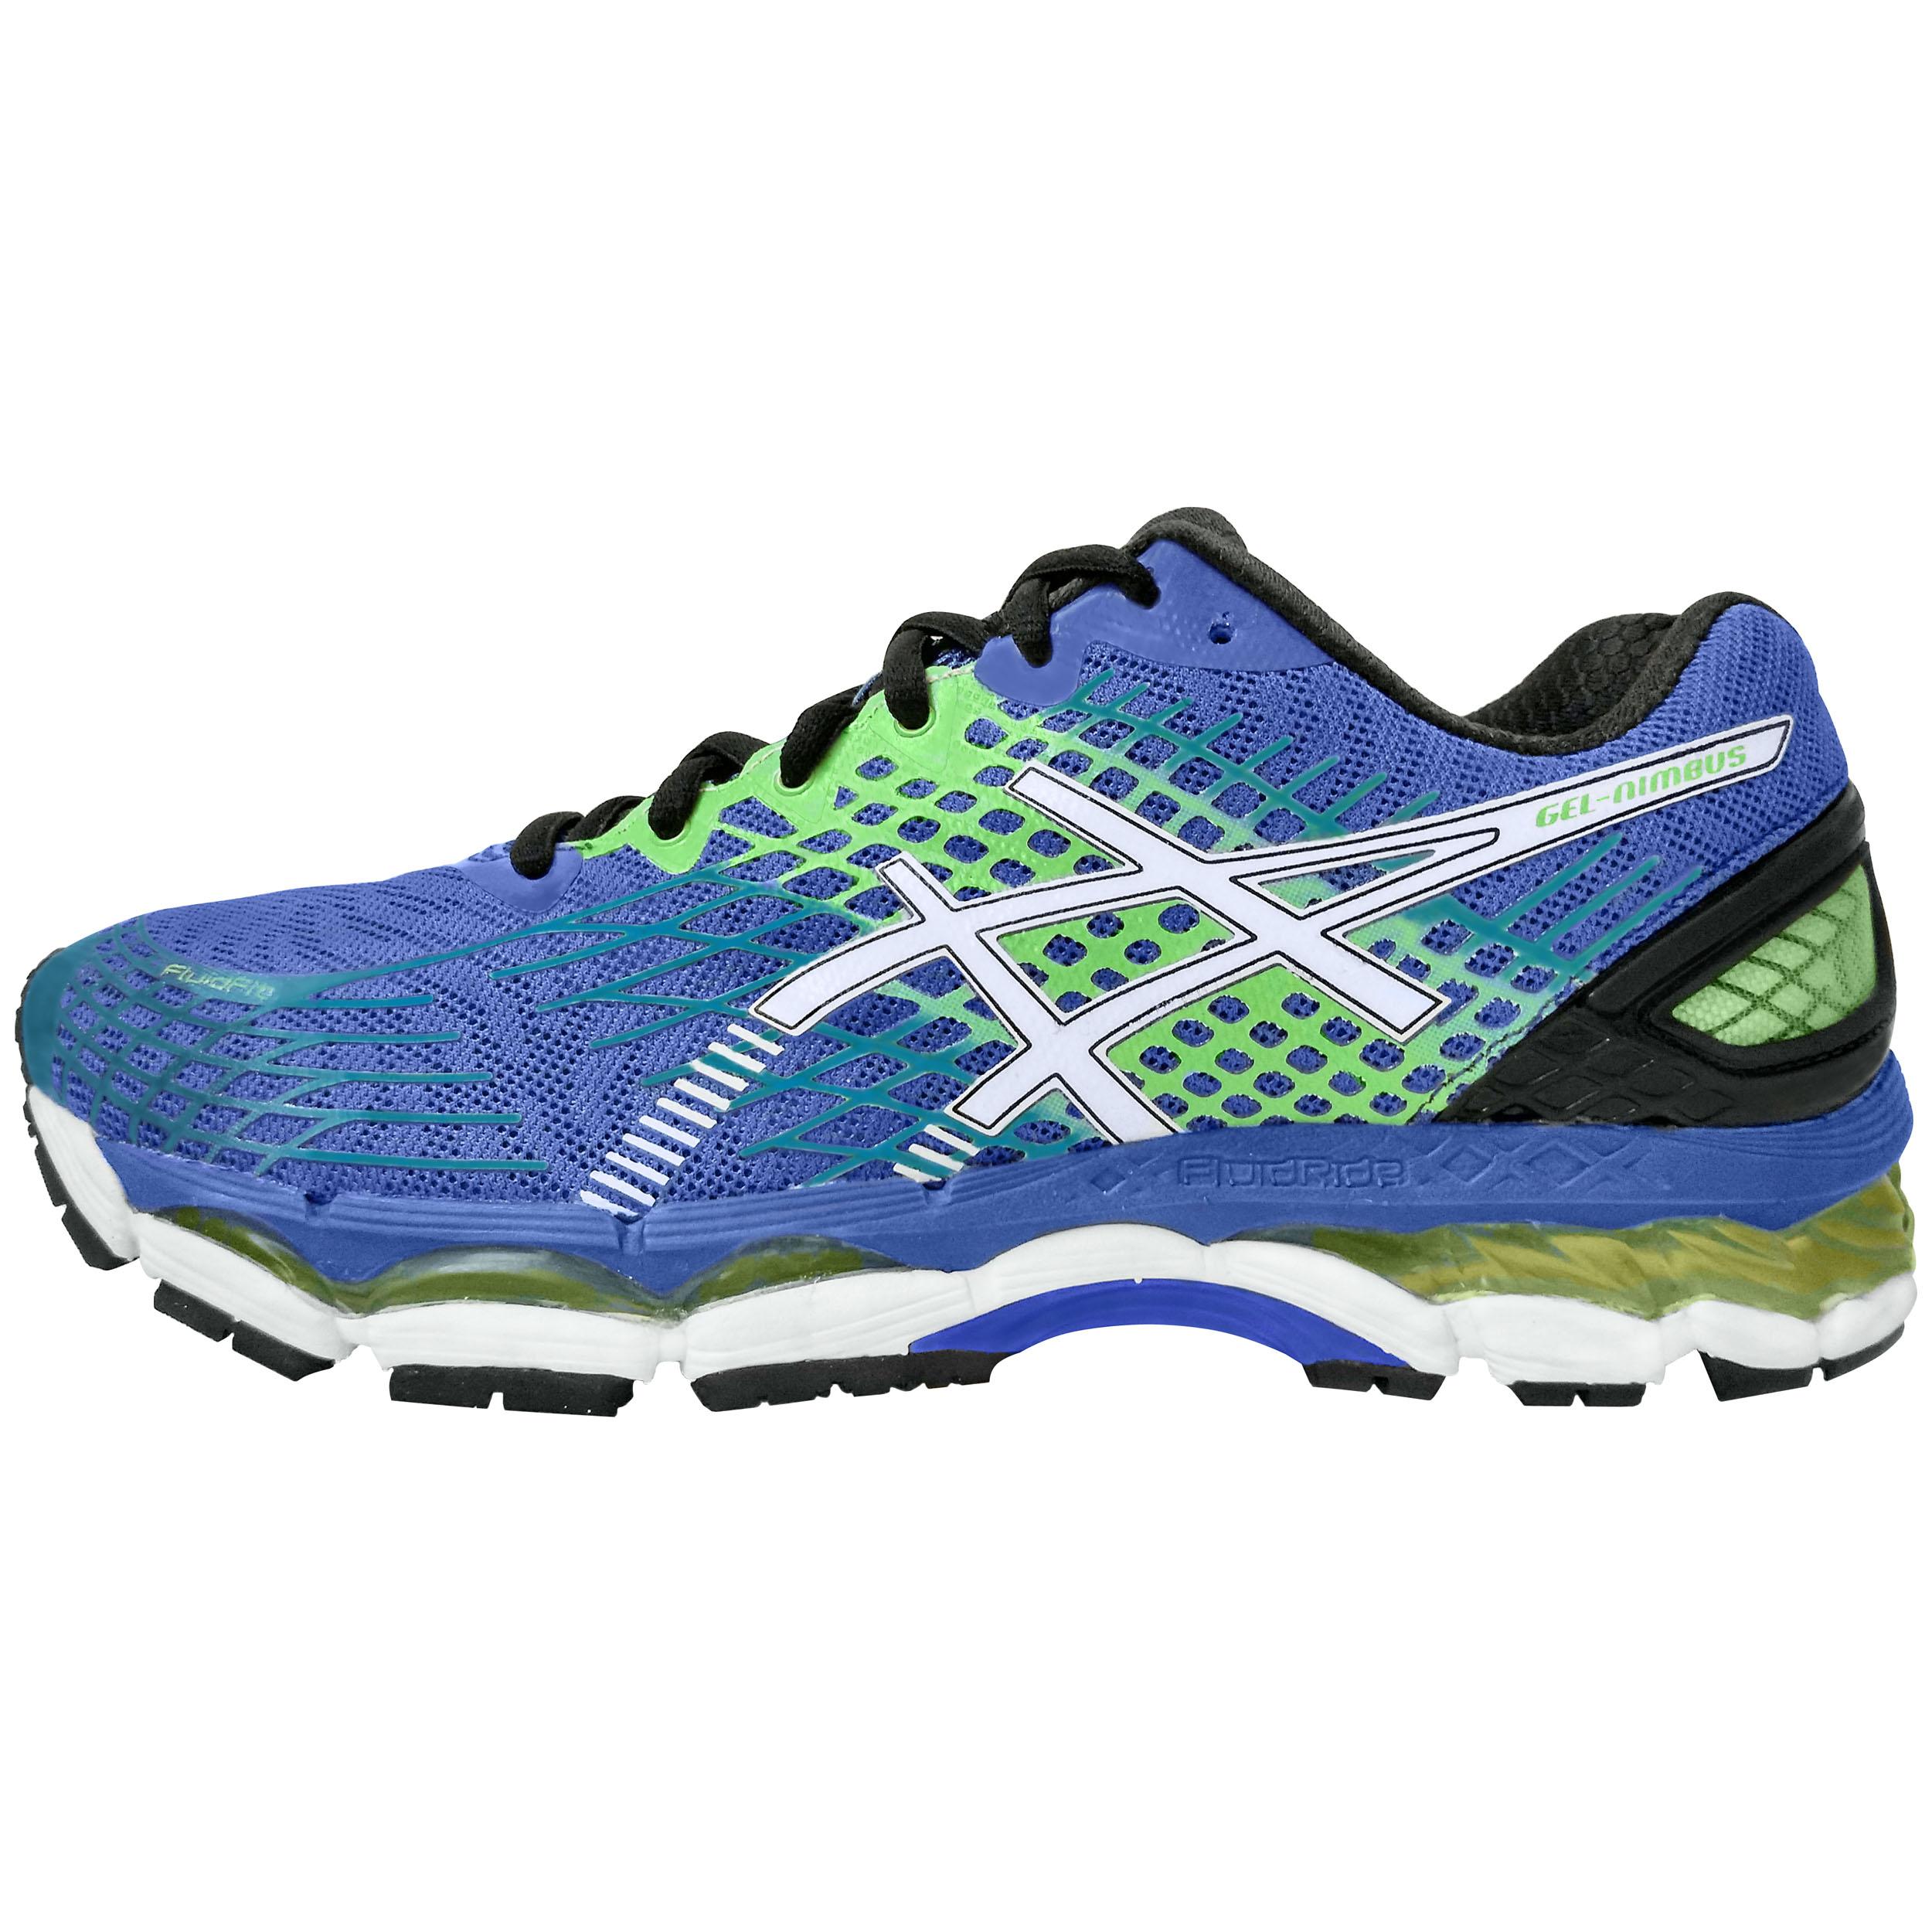 کفش مخصوص پیاده روی اسیکس مدل gel nimbus 17 FluidFit